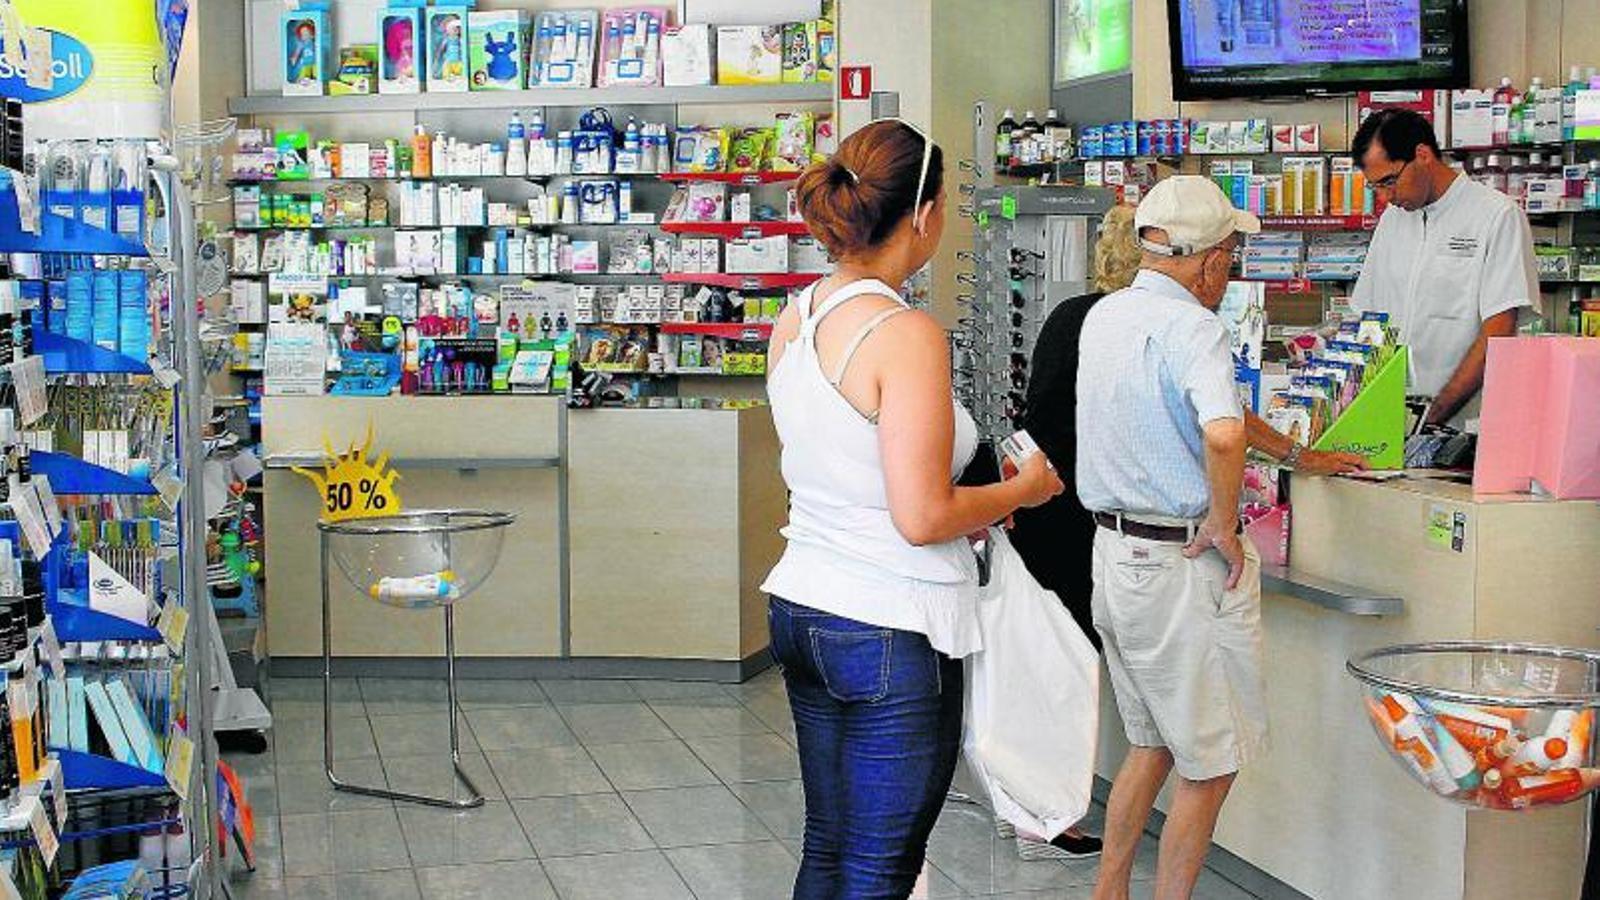 PENSIONISTES, ELS MÉS VULNERABLES   Segons els socialistes, un de cada cinc pensionistes ja no recull a la farmàcia tots els medicaments que li són receptats.